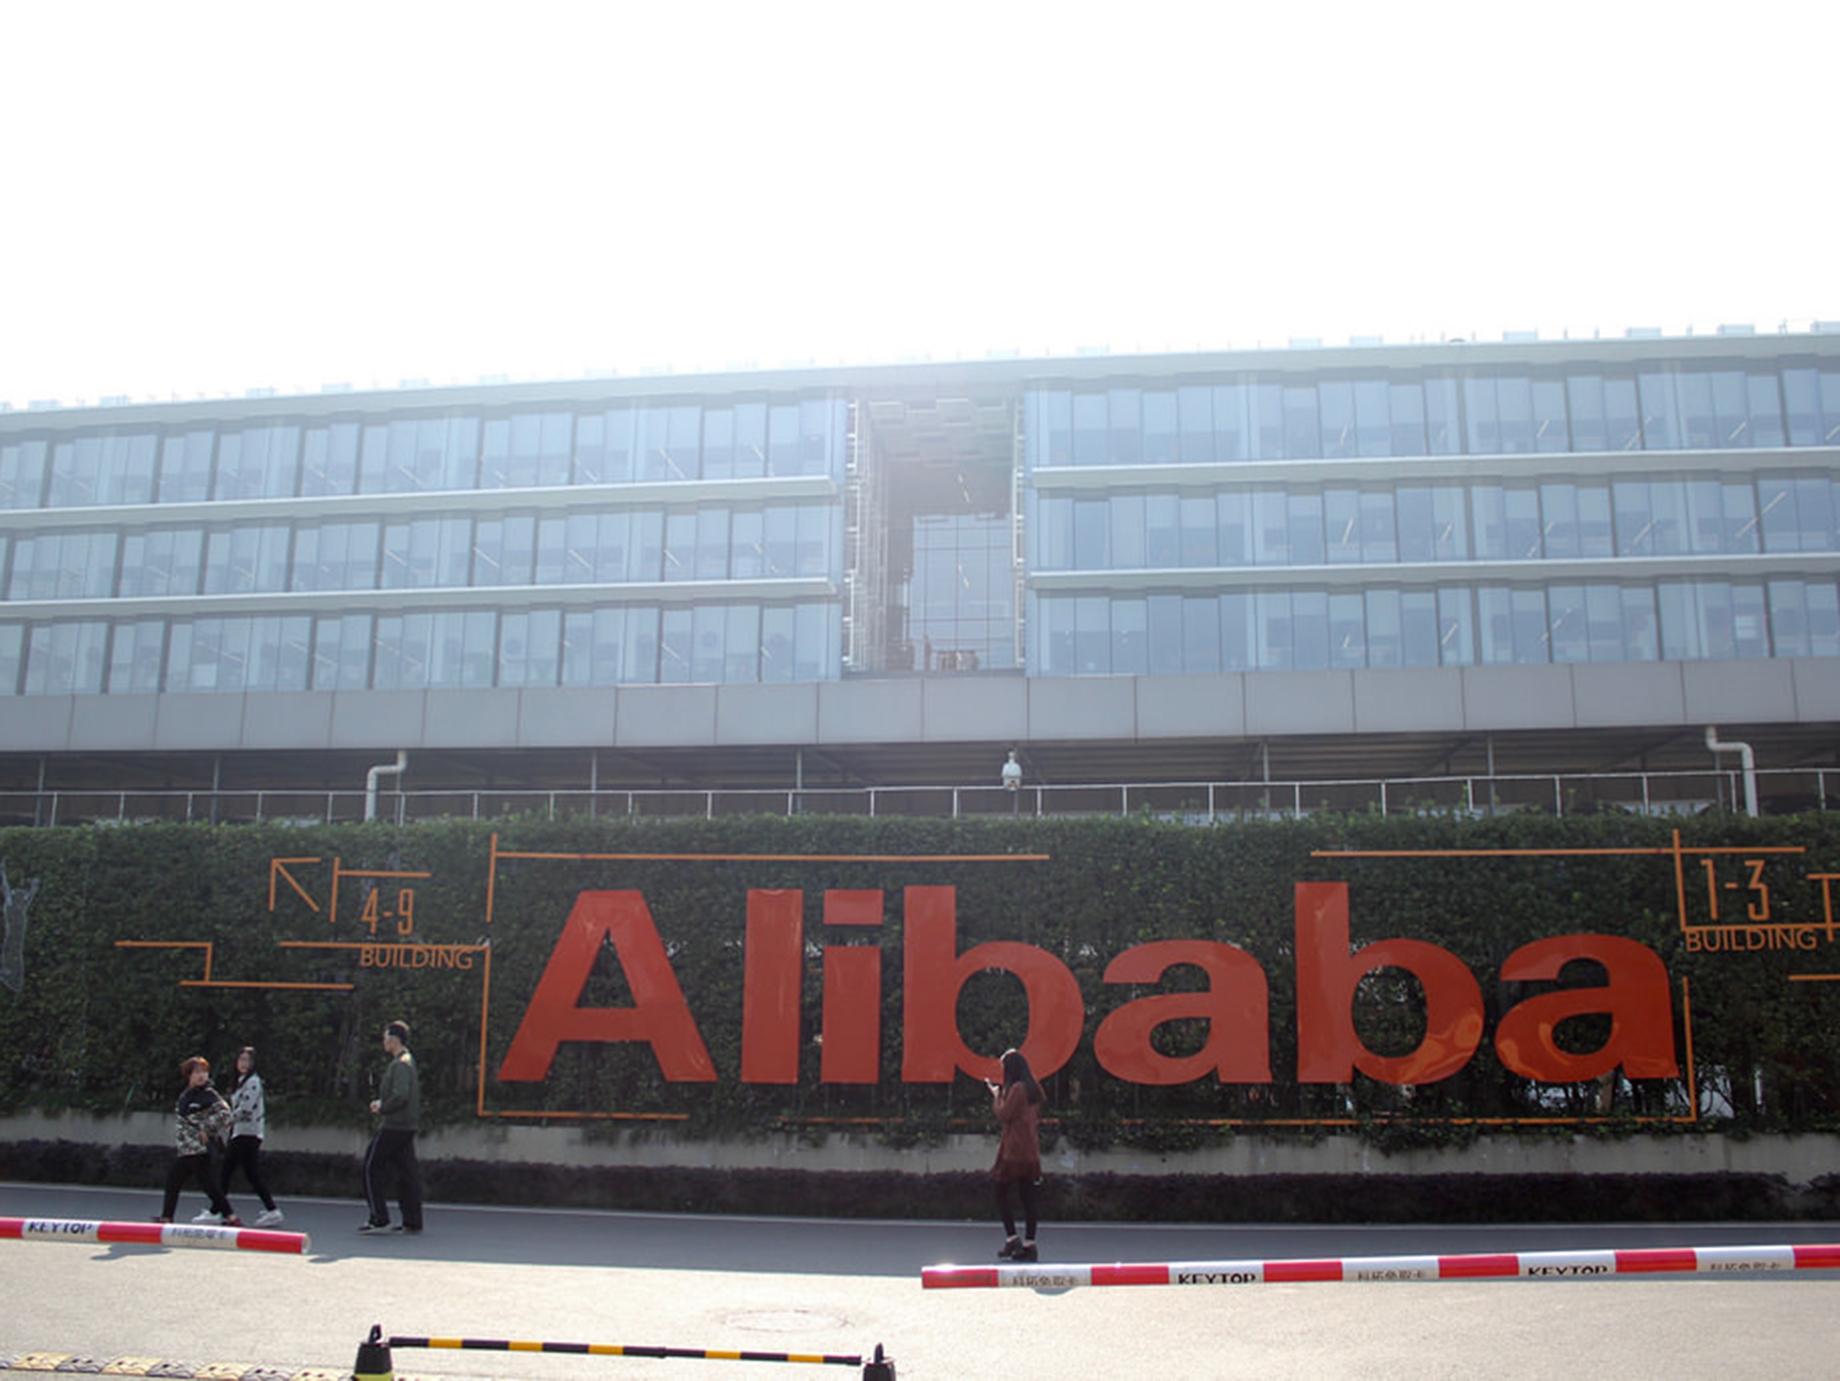 馬雲新零售再出手,阿里巴巴首家購物中心「貓茂」 明年開幕